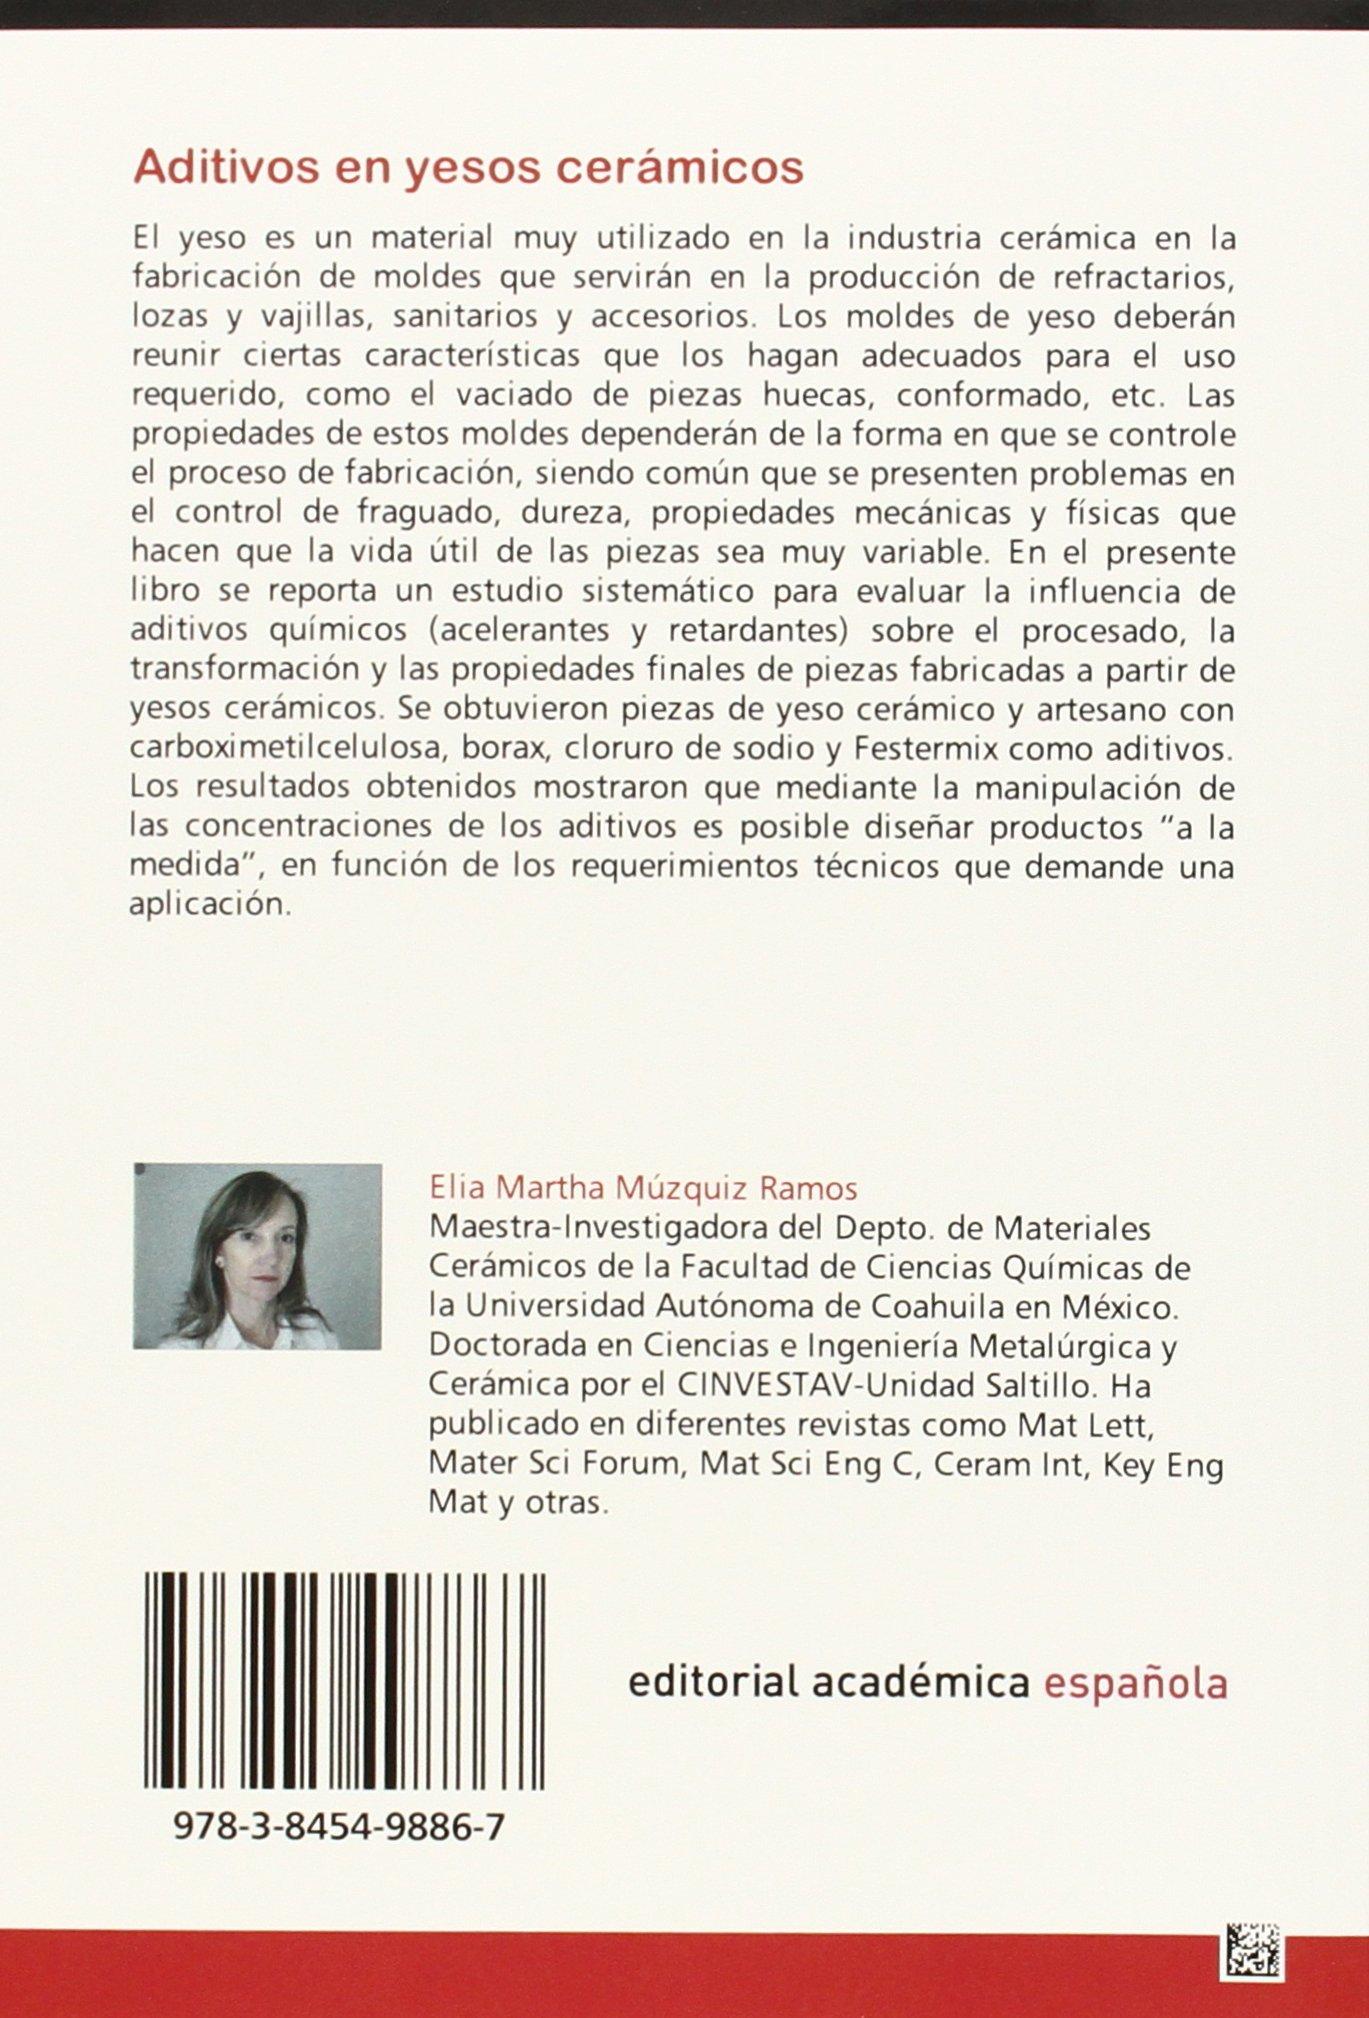 Aditivos en yesos cerámicos: Acelerantes y retardantes de fraguado (Spanish Edition): Elia Martha Múzquiz Ramos: 9783845498867: Amazon.com: Books